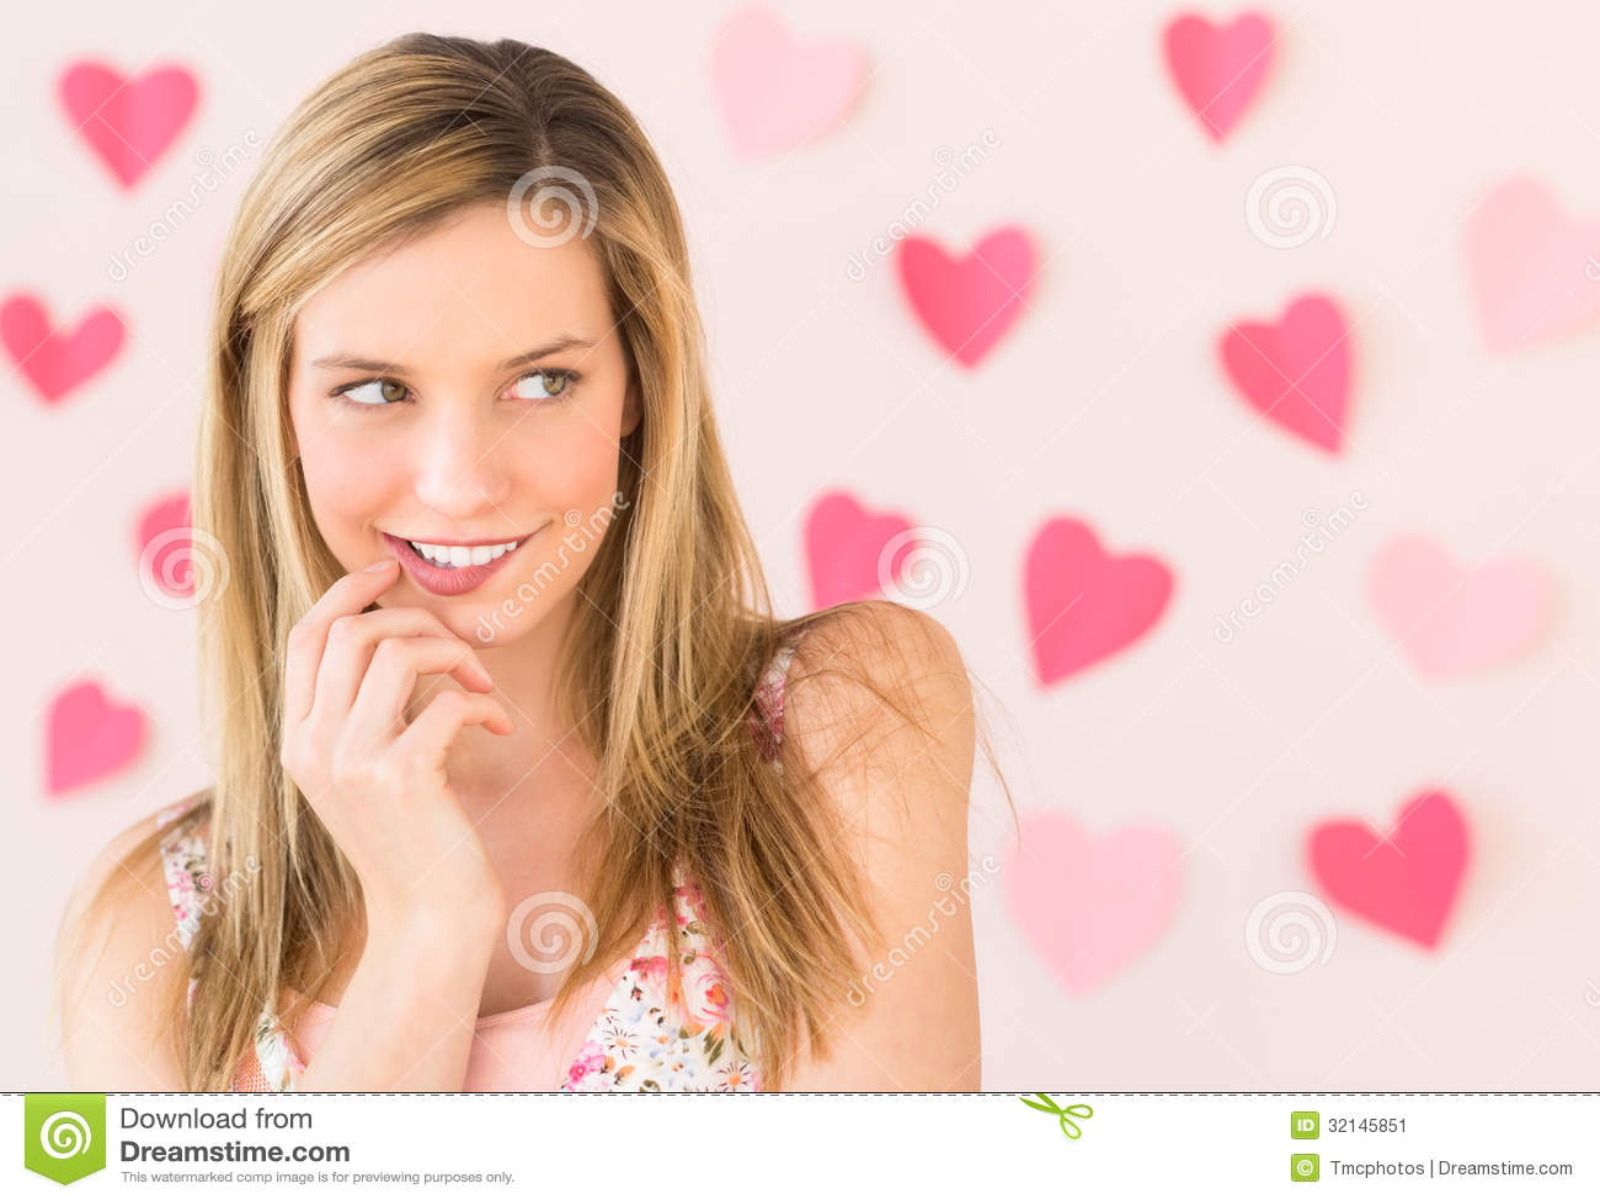 Χείλι δαγκώματος γυναικών με διαμορφωμένα τα καρδιά έγγραφα ενάντια σε χρωματισμένο Backgr